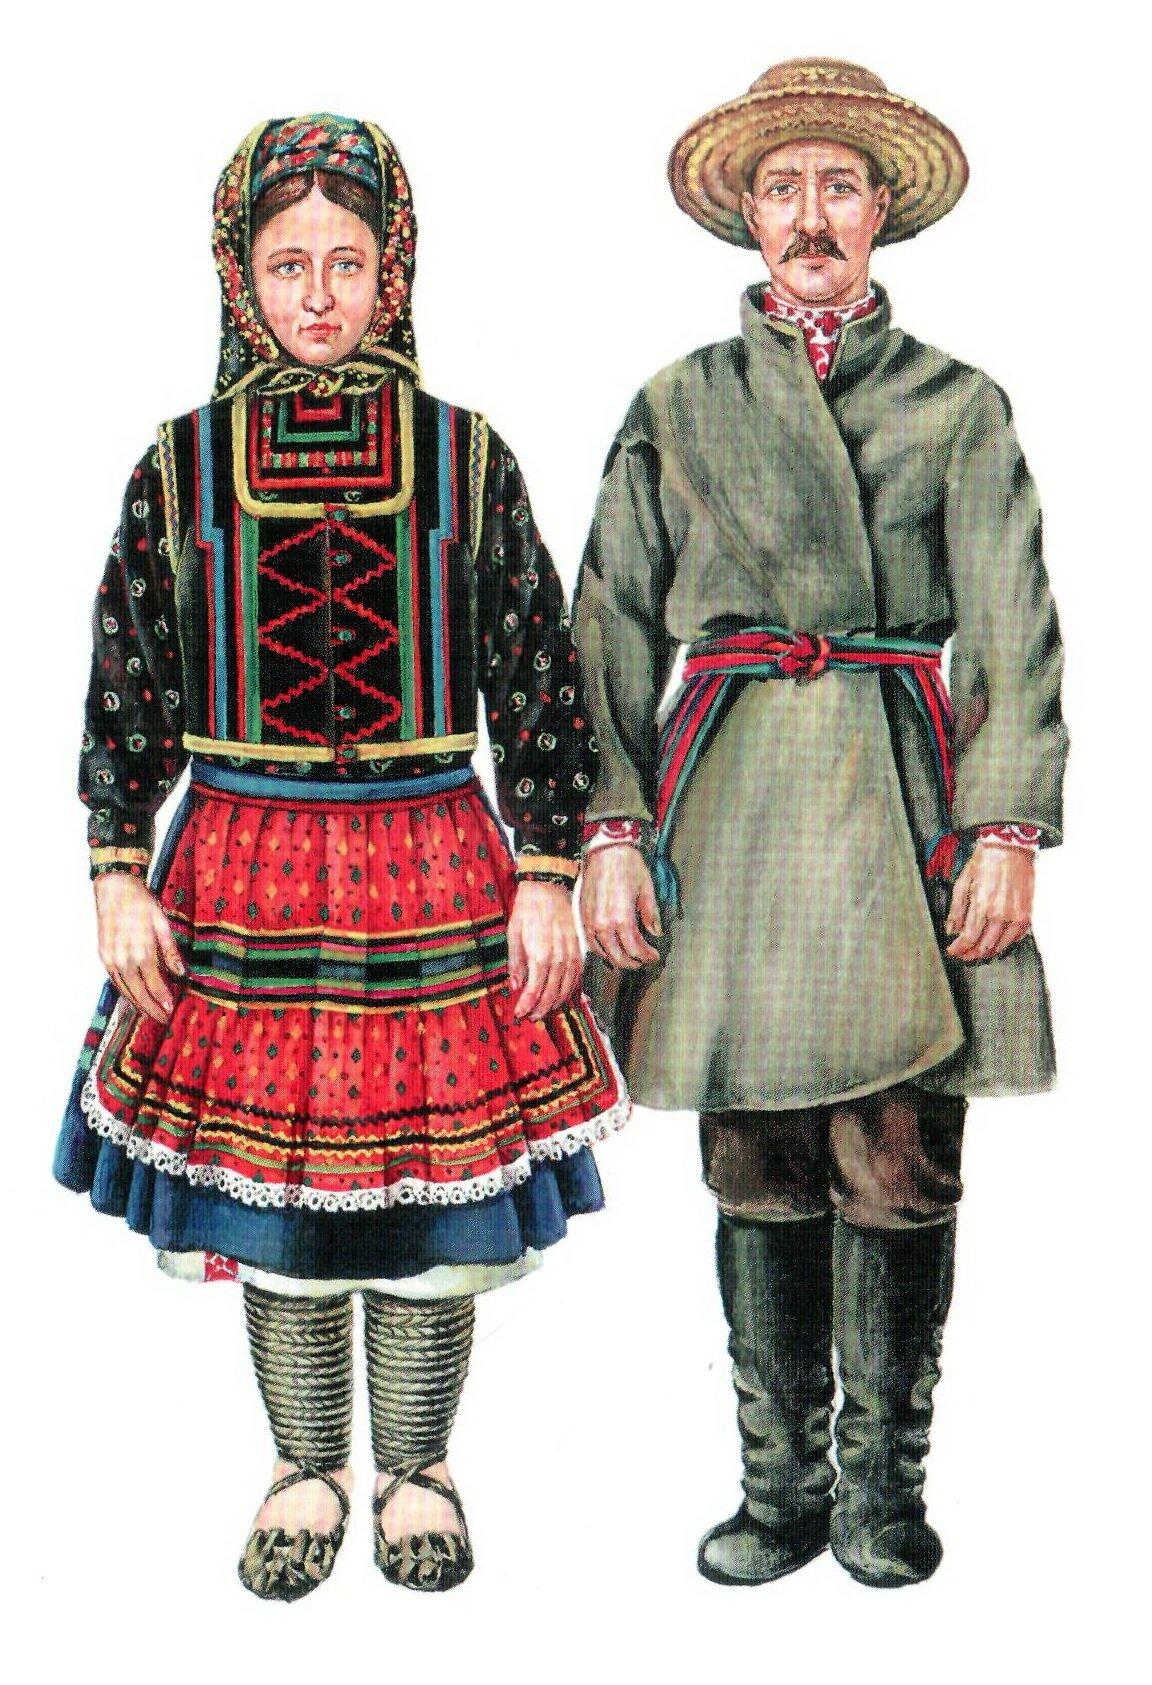 народная одежда в картинках амыми яркими роскошными